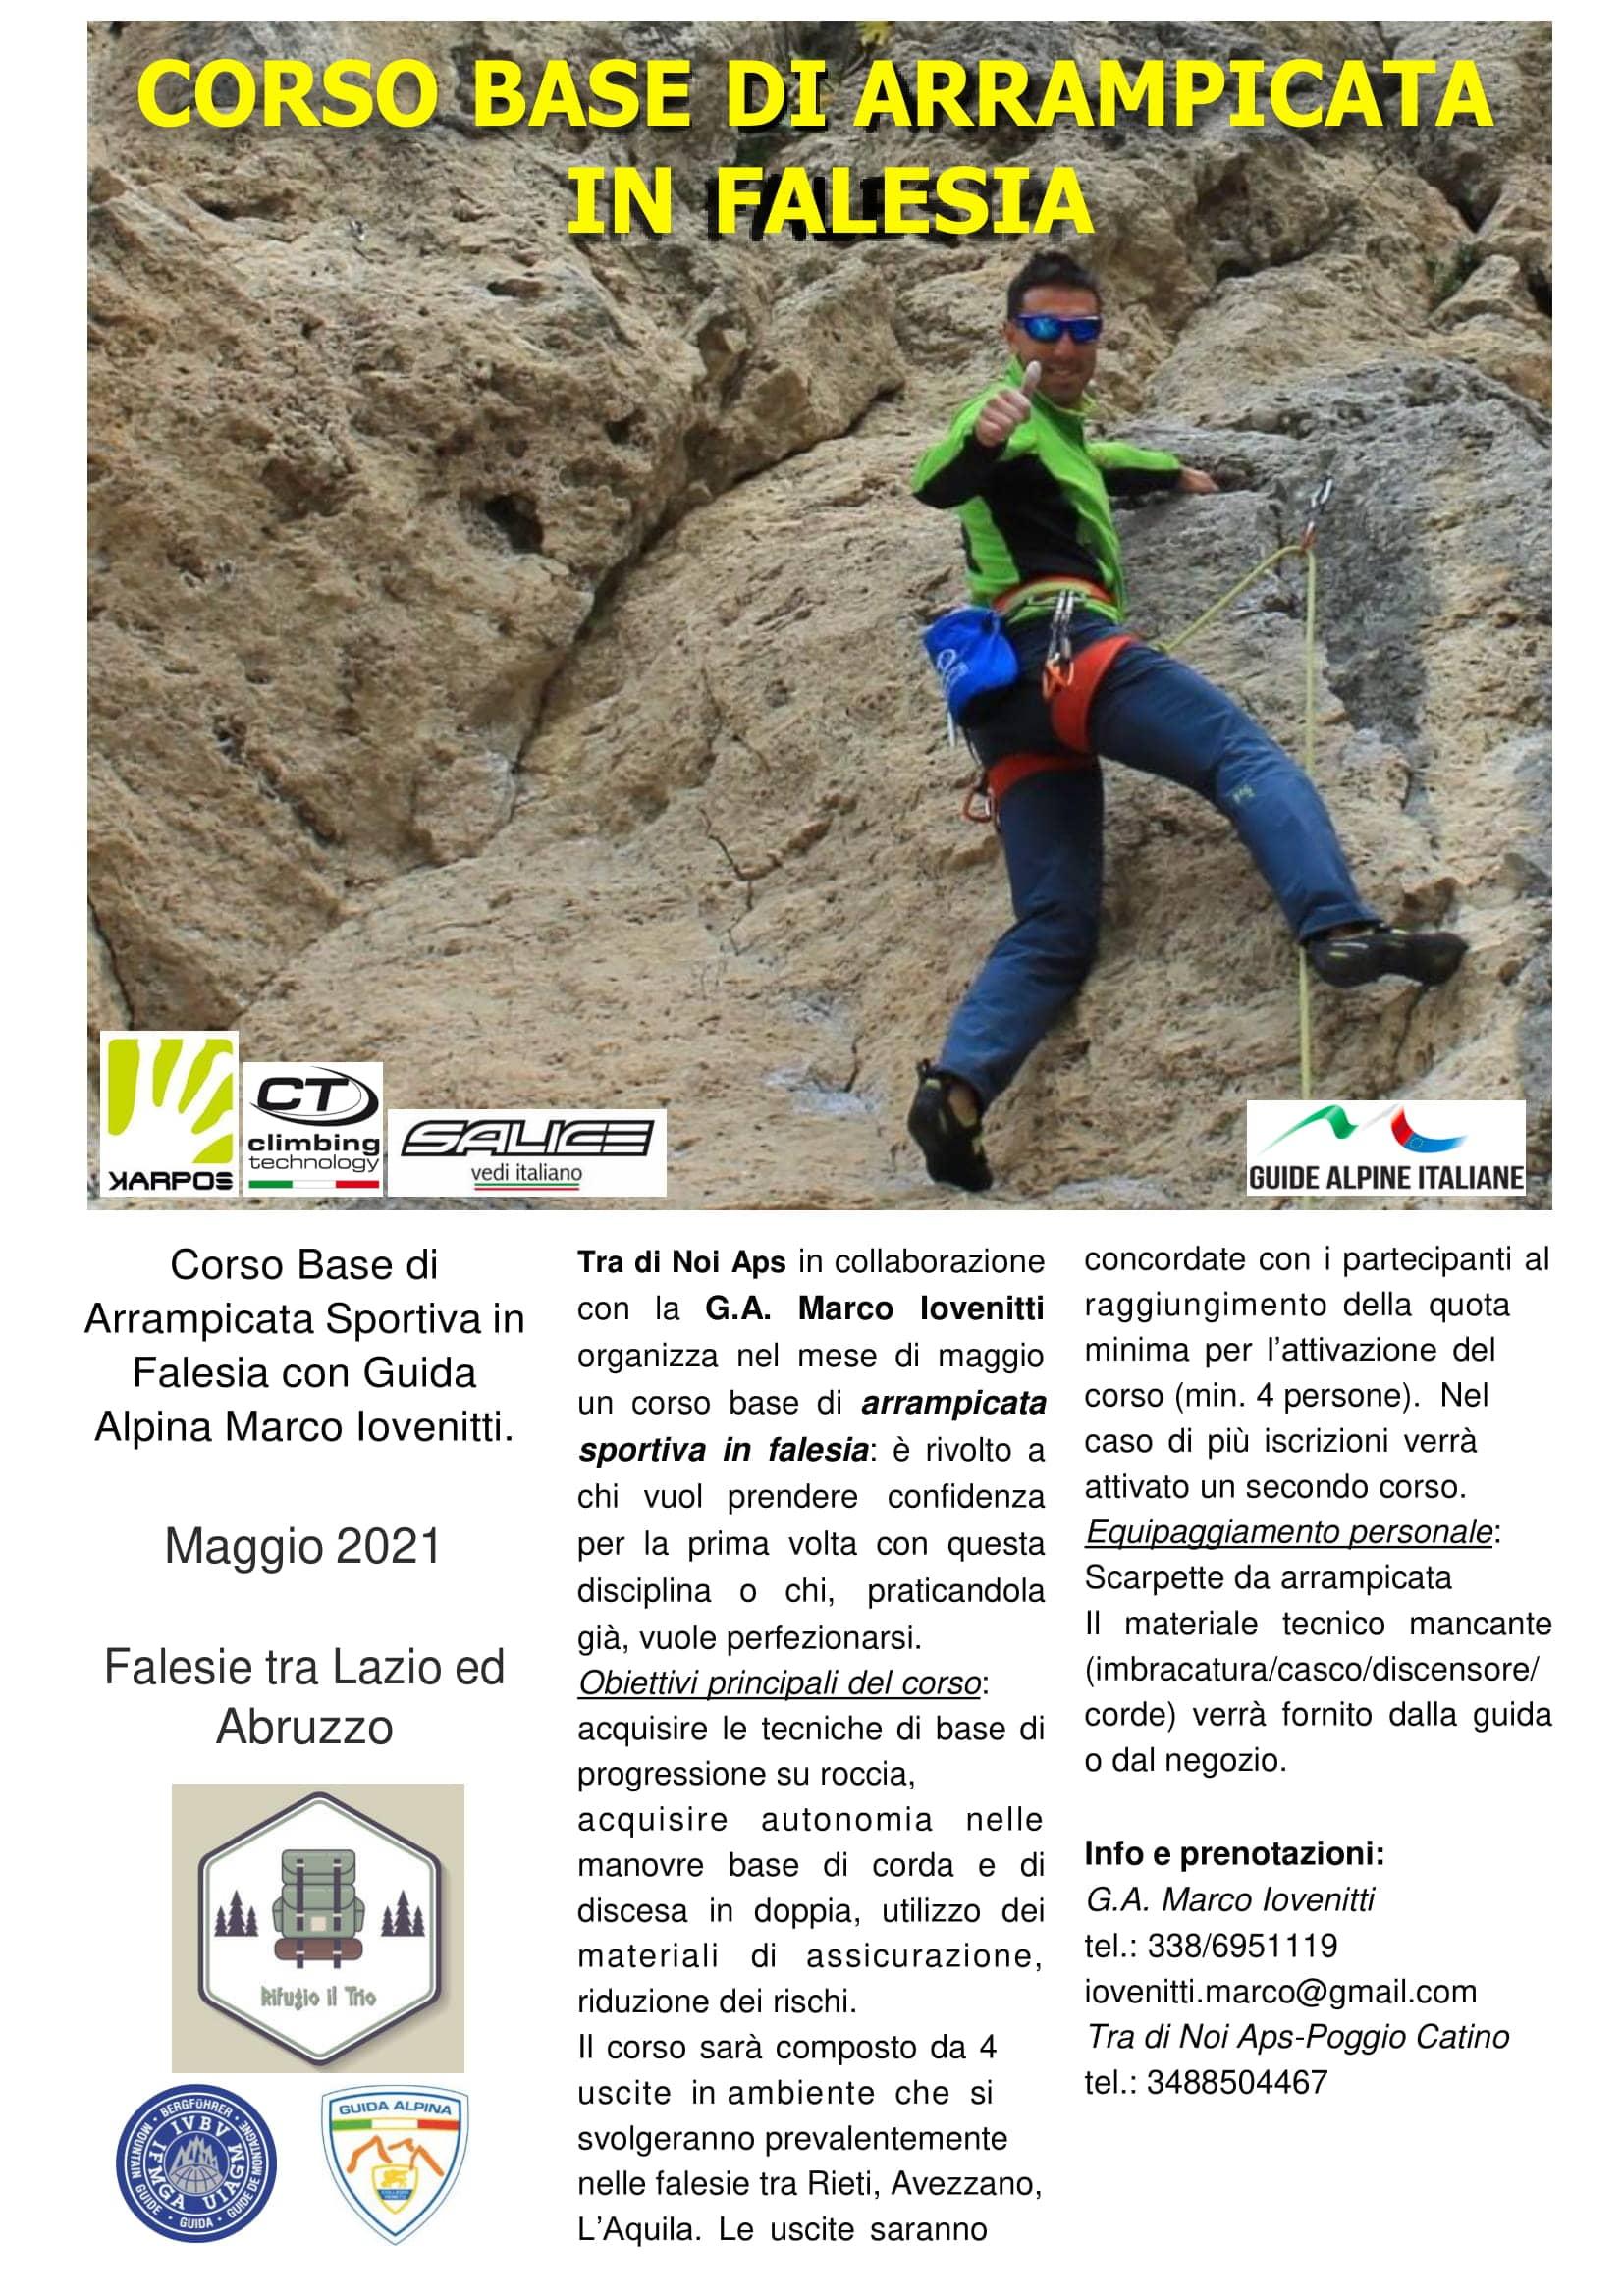 Corso di arrampicata sportiva in falesia tra Lazio e Abruzzo - eventi in sabina